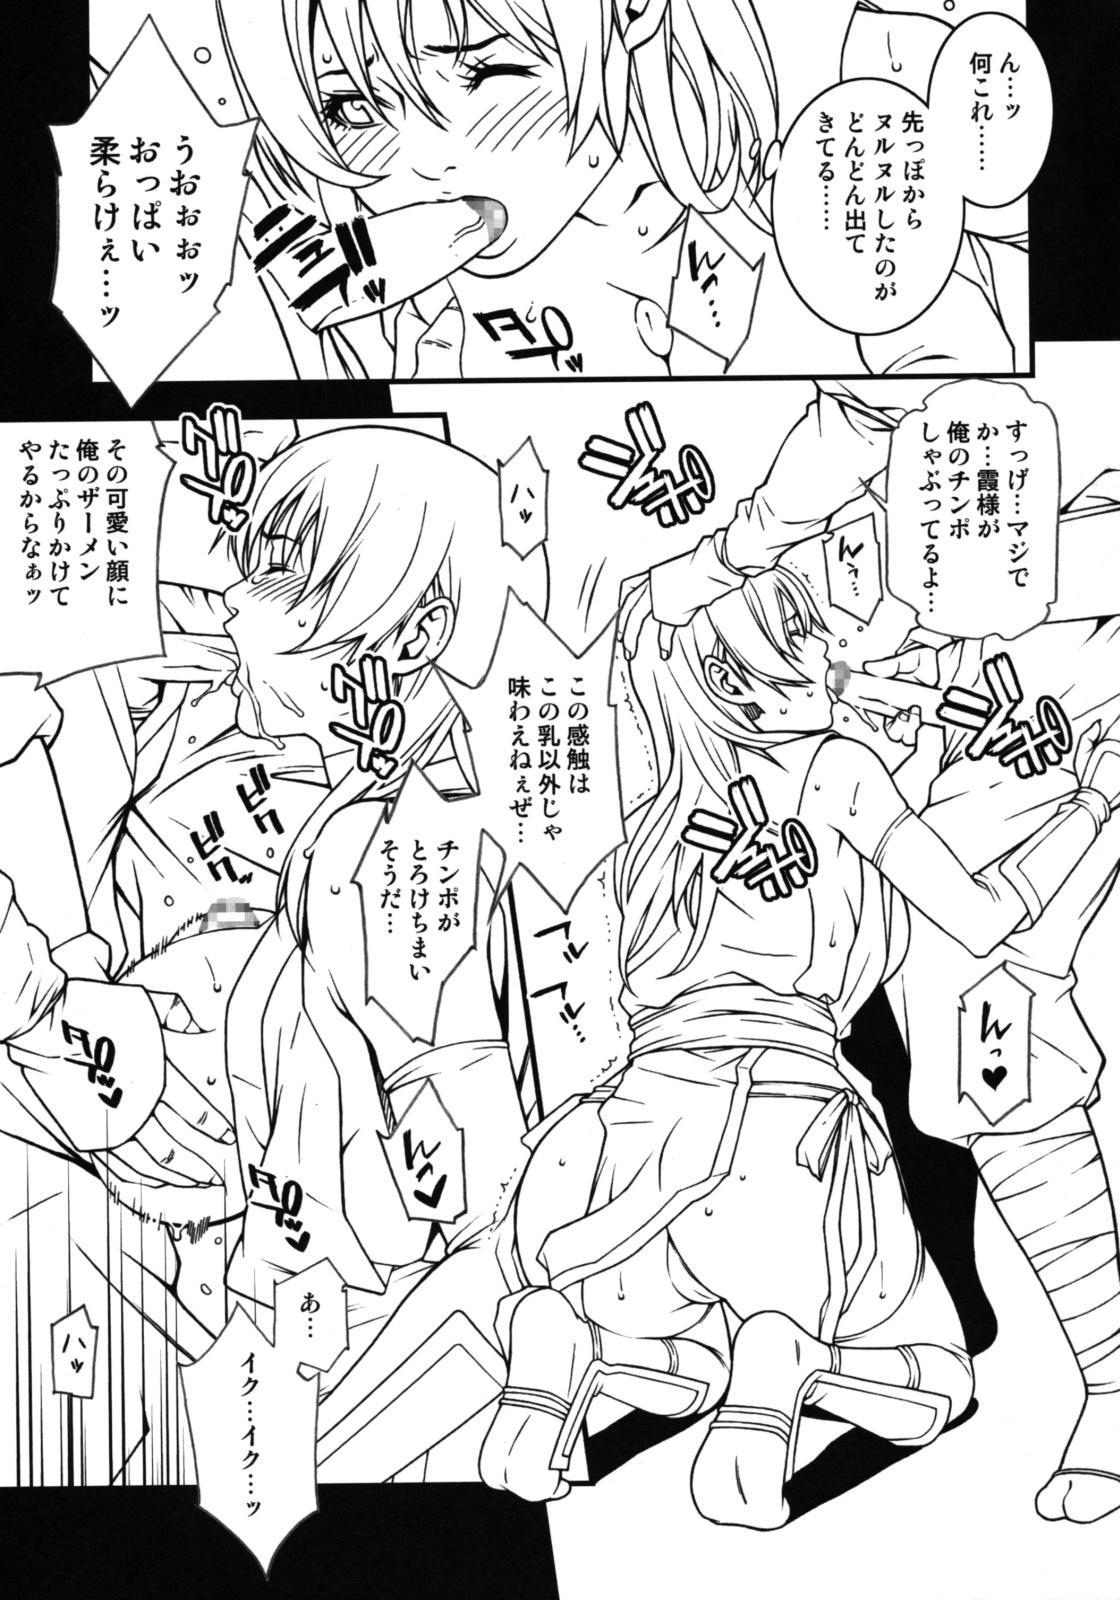 Chichiranbu Vol. 05 11